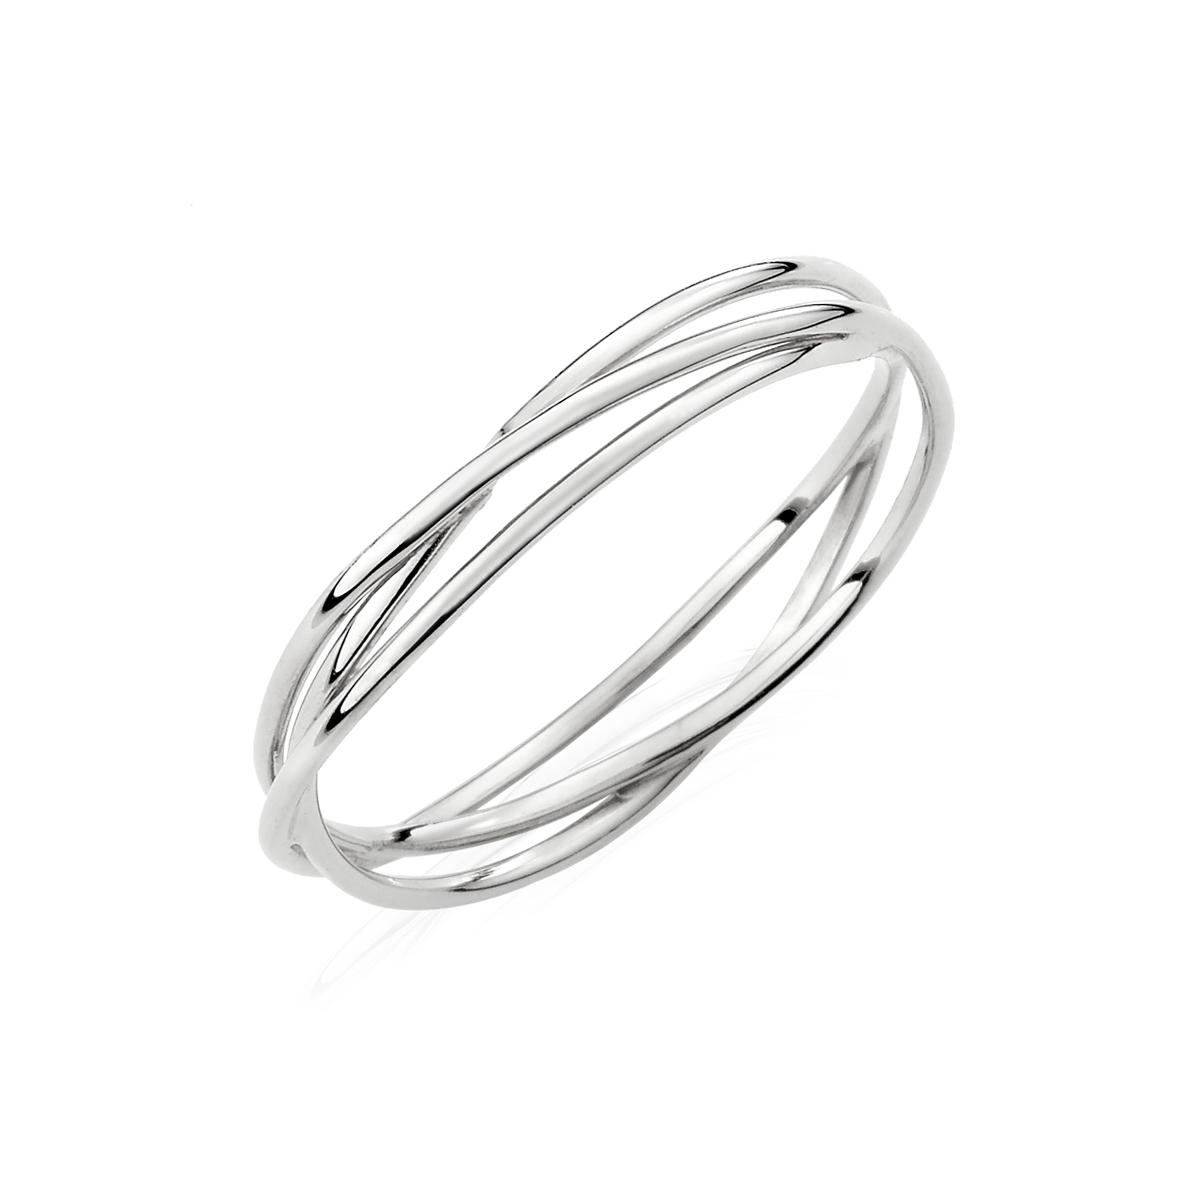 KSW179 簡約哲學-姊妹款專屬三環簡約戒指